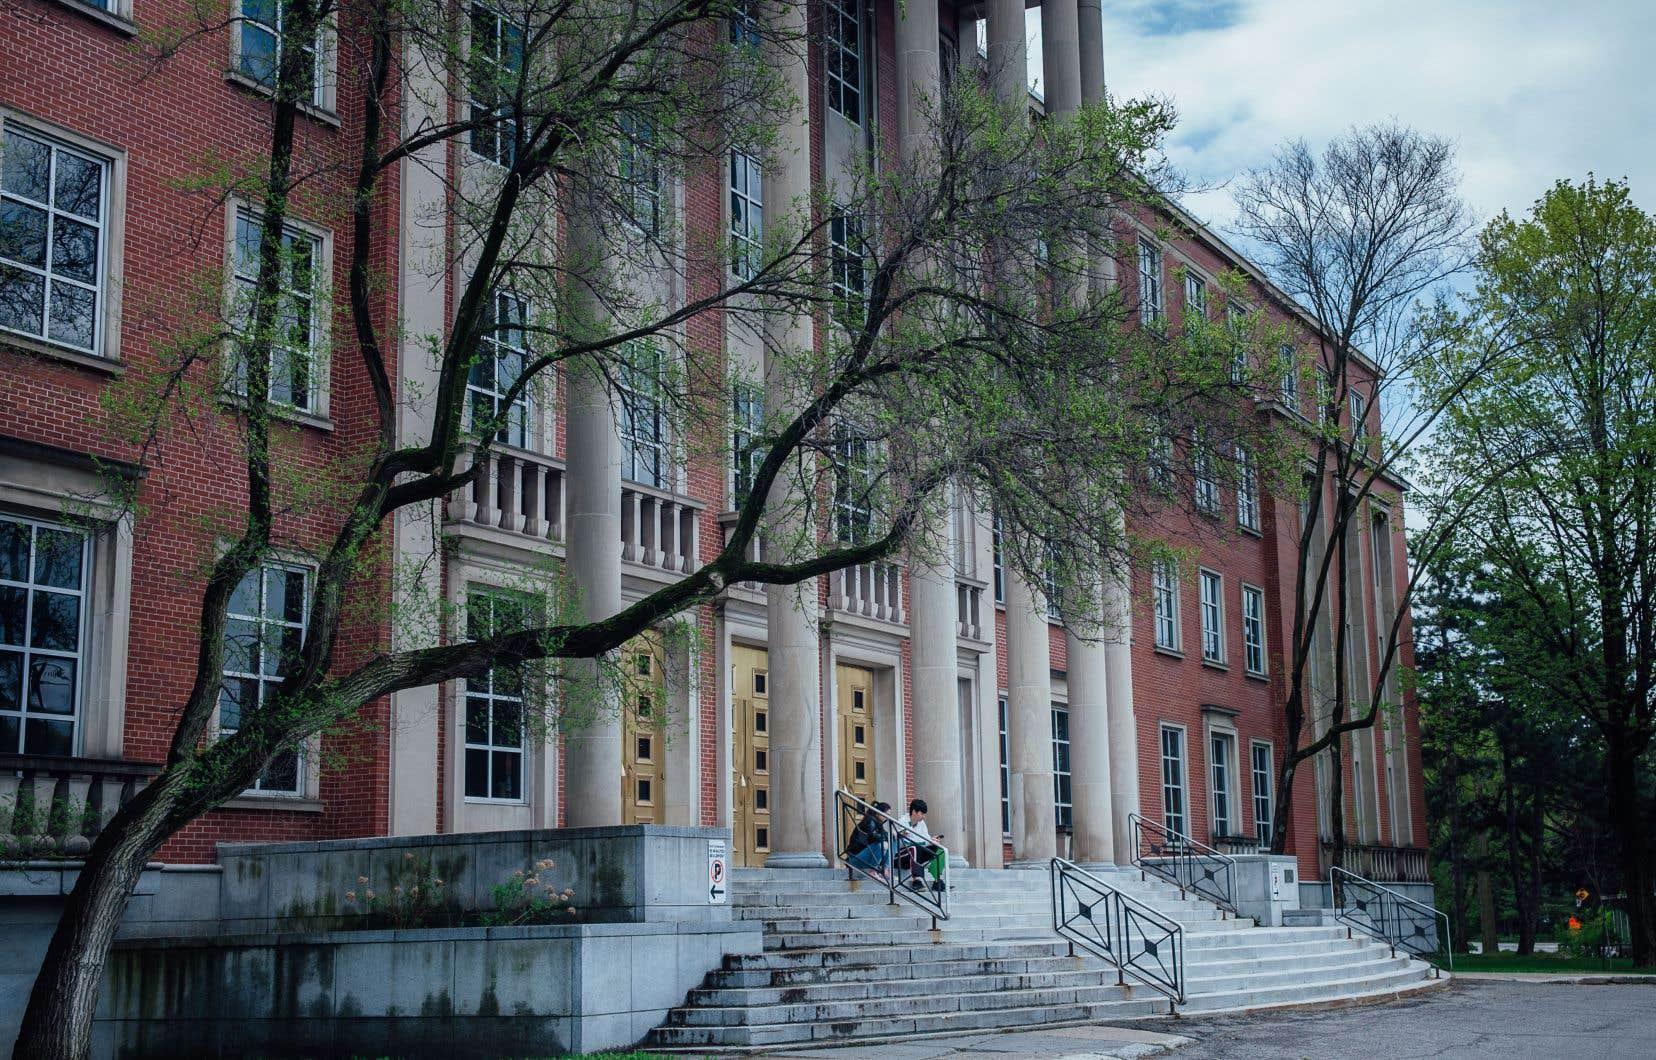 L'Association des commissions scolaires anglophones du Québec a accueilli favorablement ce jugement, qui permet que les élections dans les commissions scolaires anglophones se déroulent en novembre selon les anciennes règles.